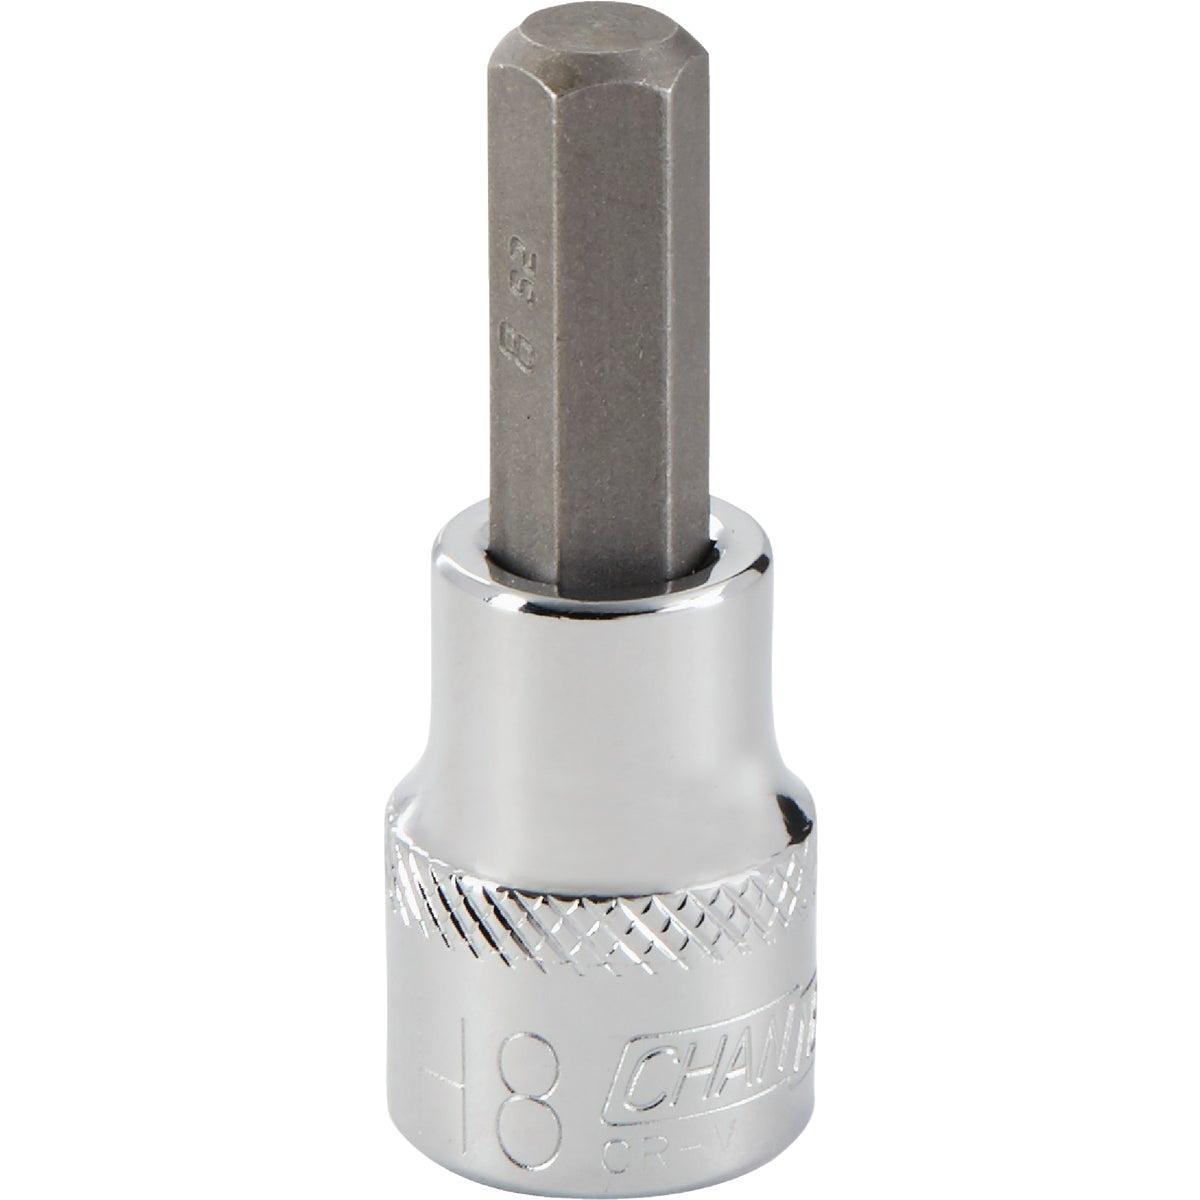 8MM HEX BIT SOCKET - 372382 by Bwt Inc